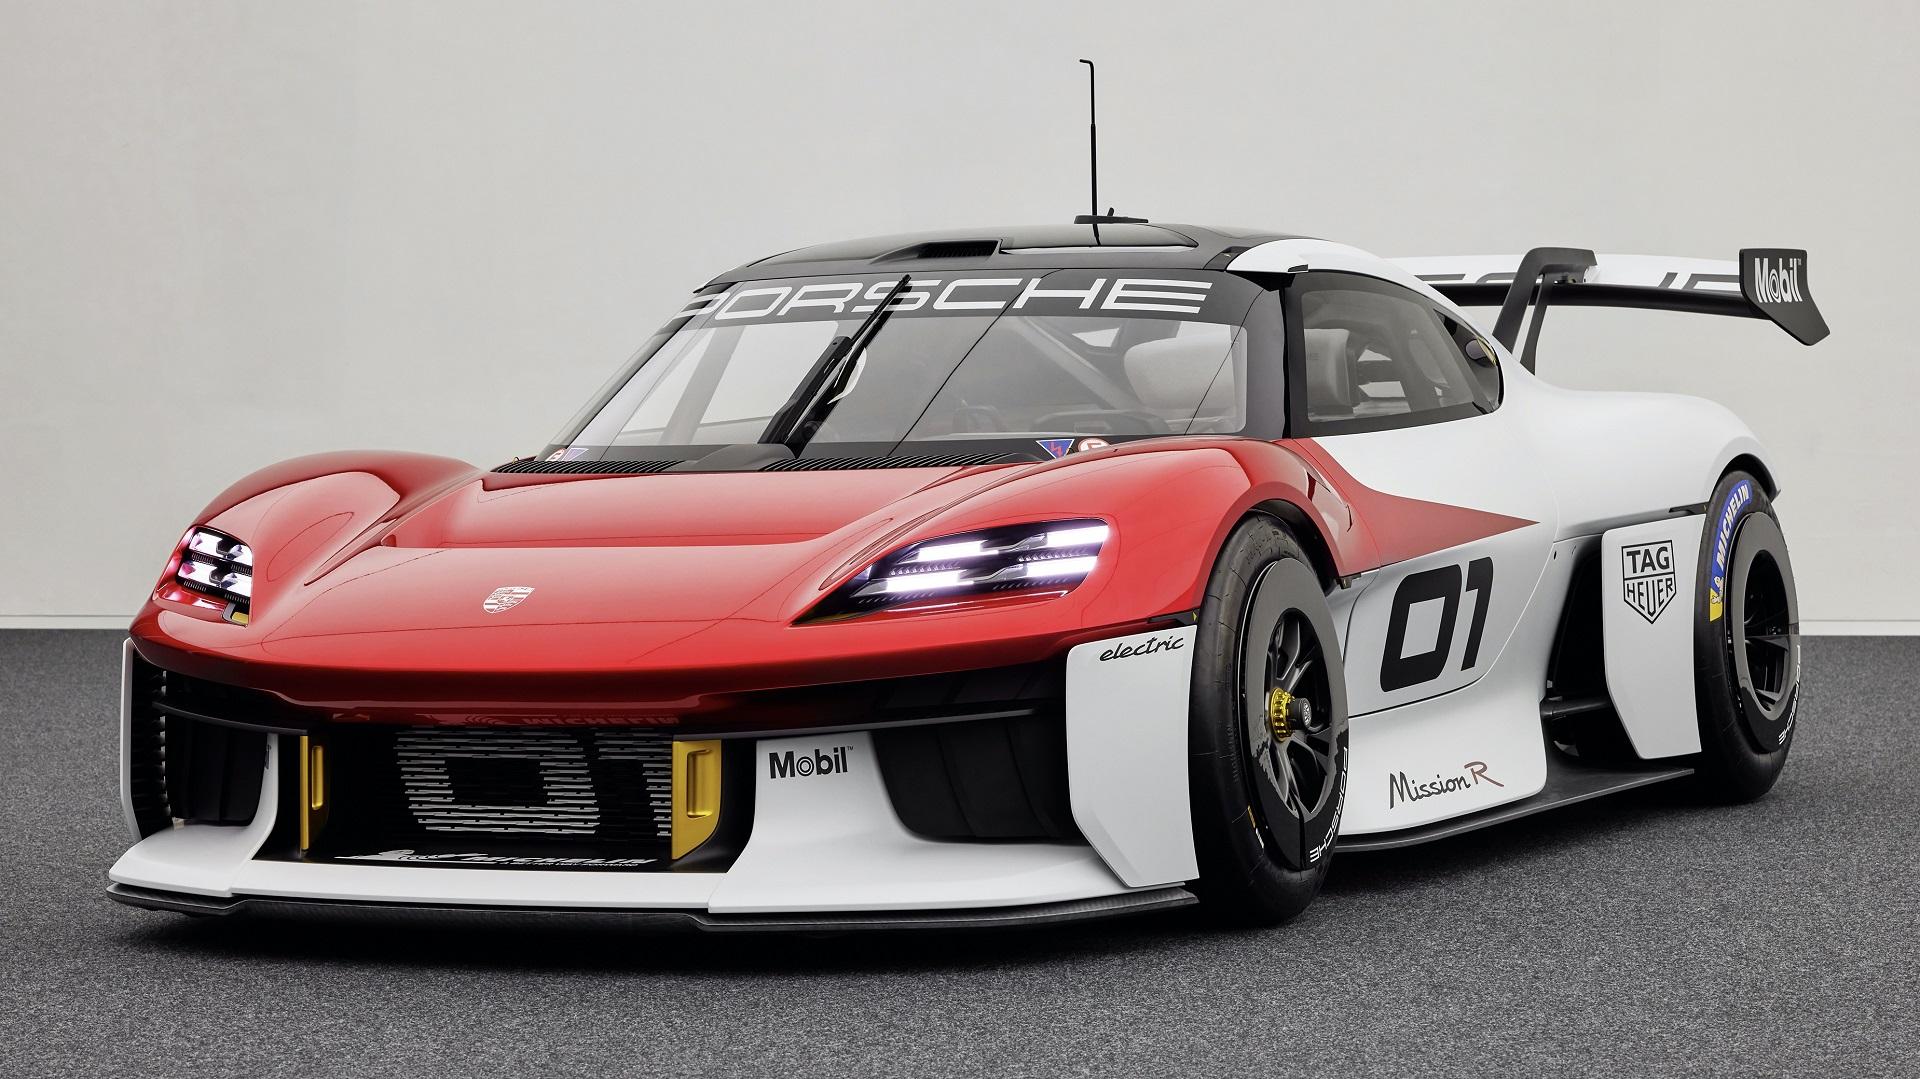 Novo Porsche Mission R, conceito apresentado no Salão de Munique de 2021